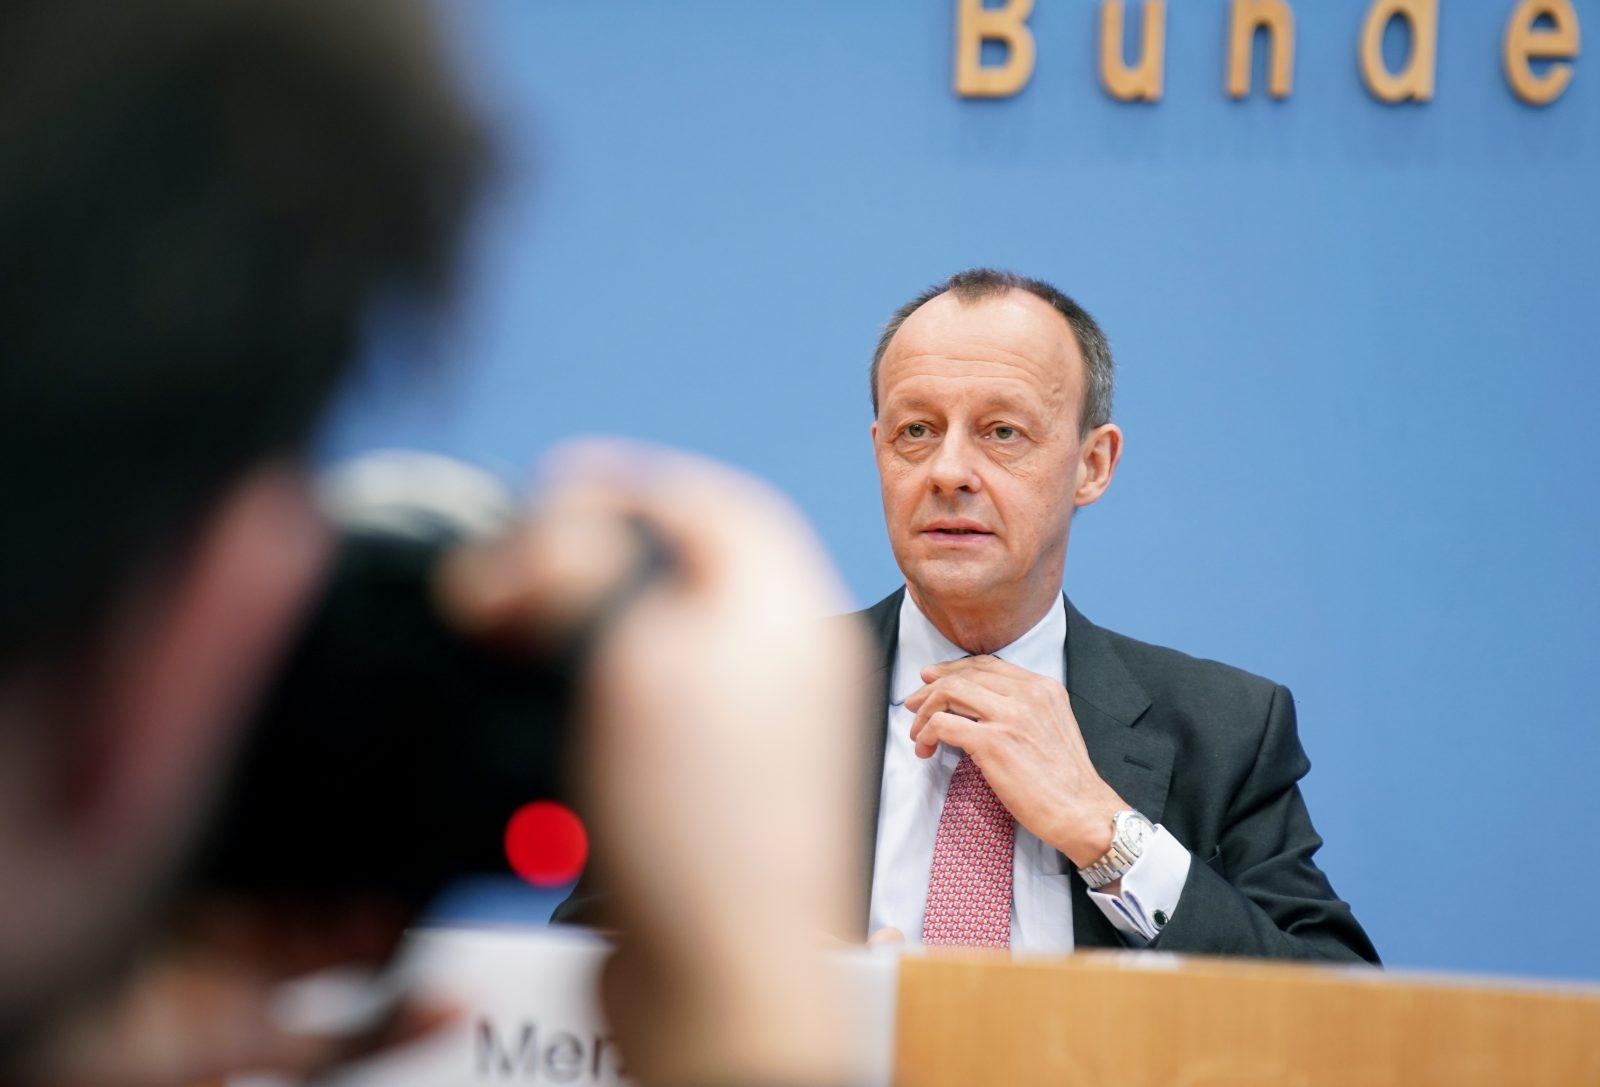 Pressekonferenz Merz